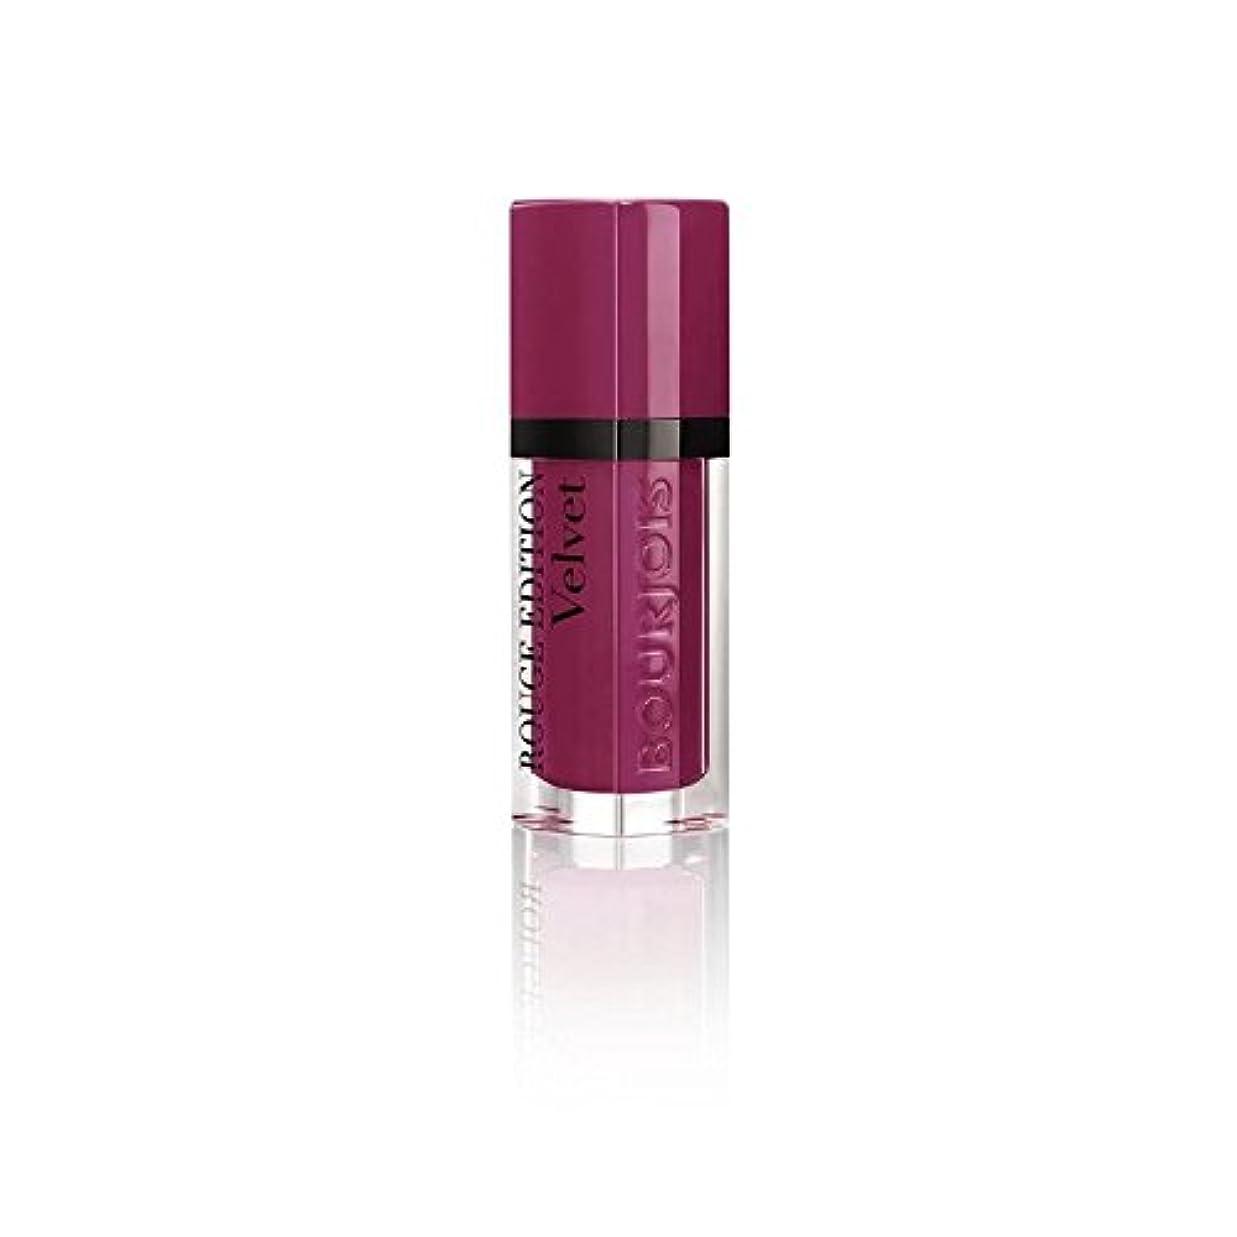 甘くするずらす衣装ルージュ版のベルベットの口紅、梅梅の女の子の8ミリリットル (Bourjois) (x 2) - Bourjois Rouge Edition Velvet Lipstick, Plum Plum Girl 8ml (Pack of 2) [並行輸入品]